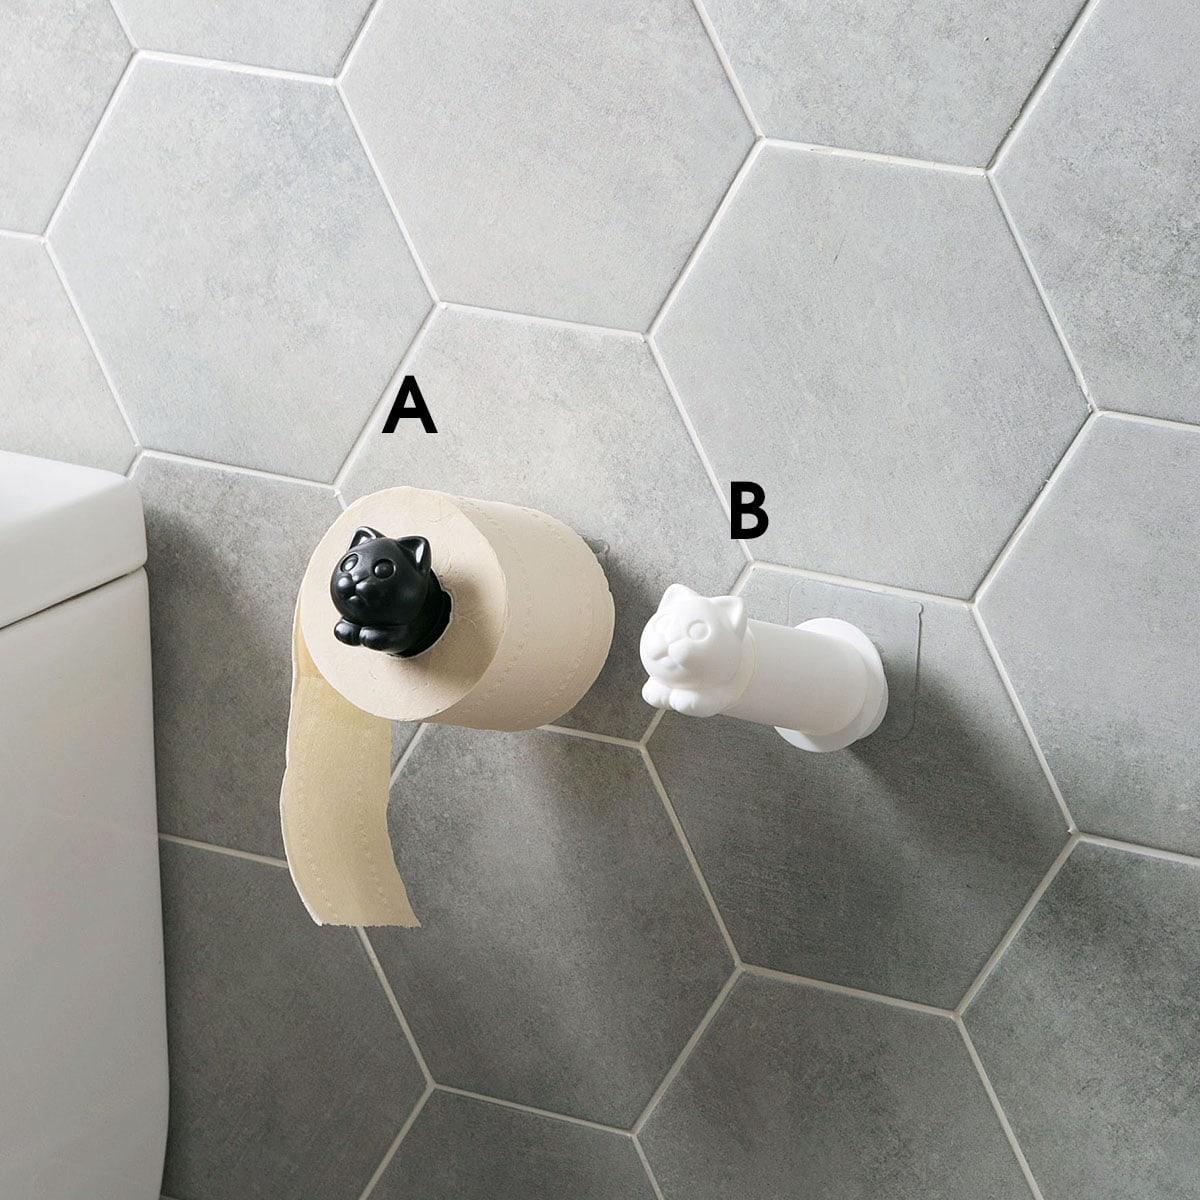 Multifunctionele toiletrolhouder van 1 st